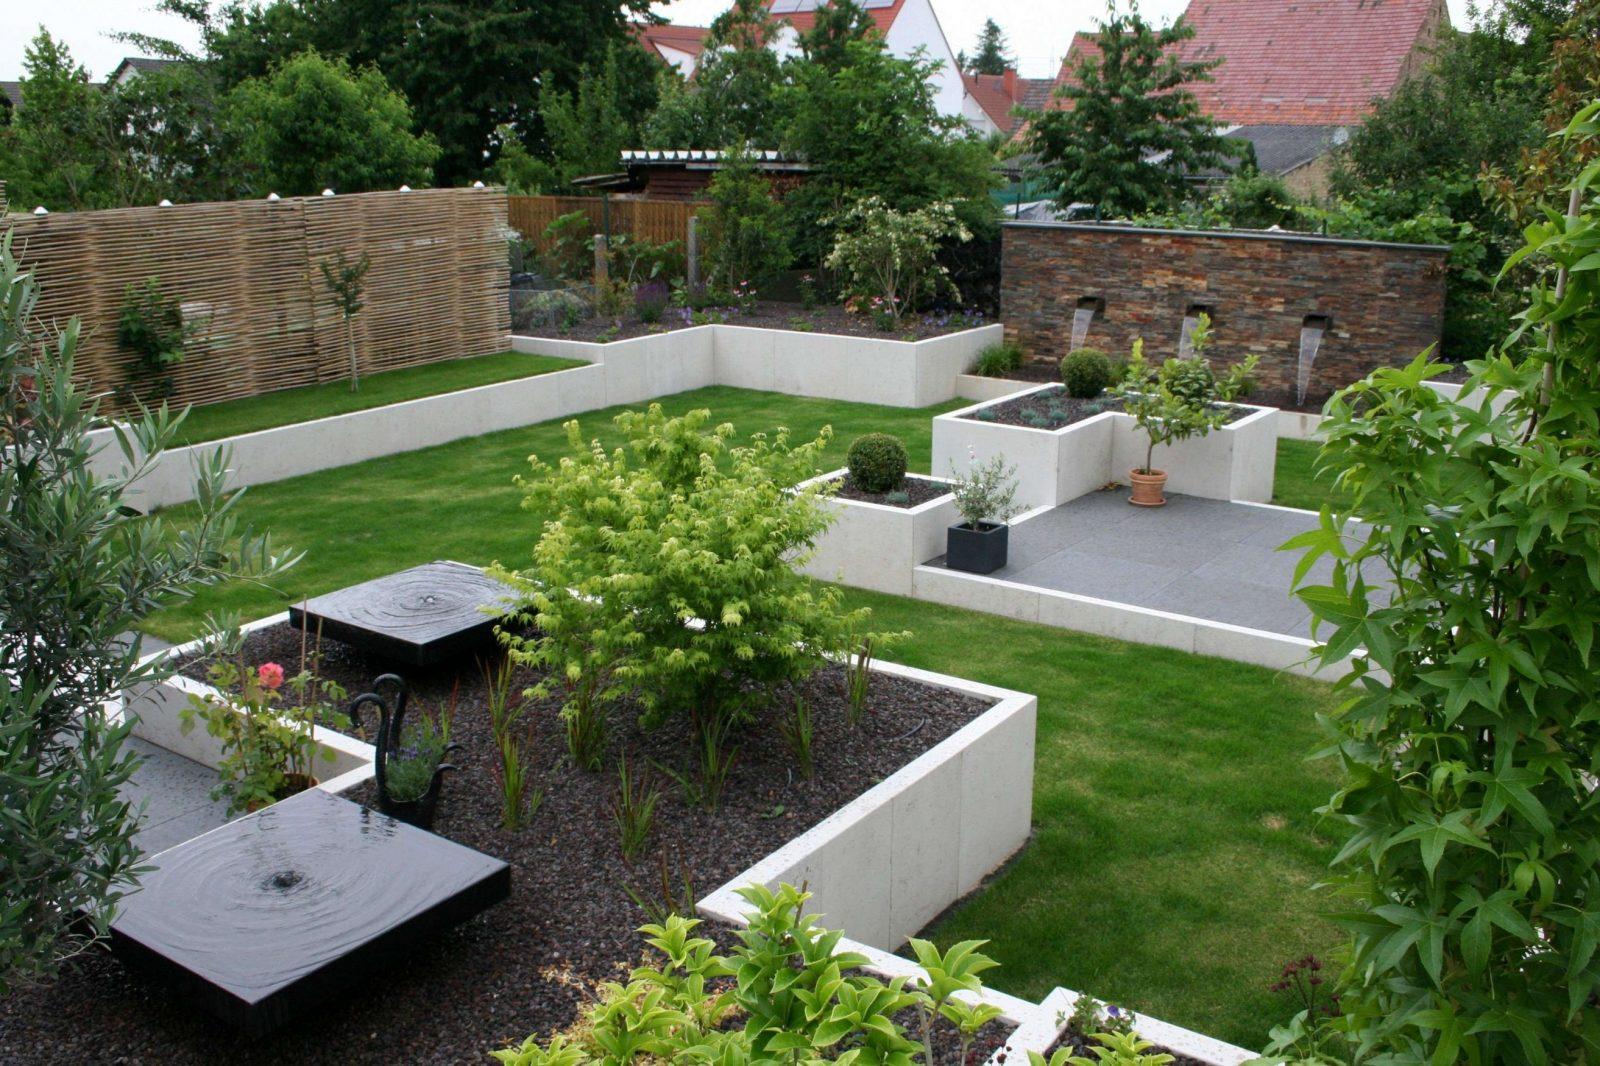 Holzstelen Für Den Garten Inspirierend Kleine Garten Sichtschutz von Holzstelen Für Den Garten Photo